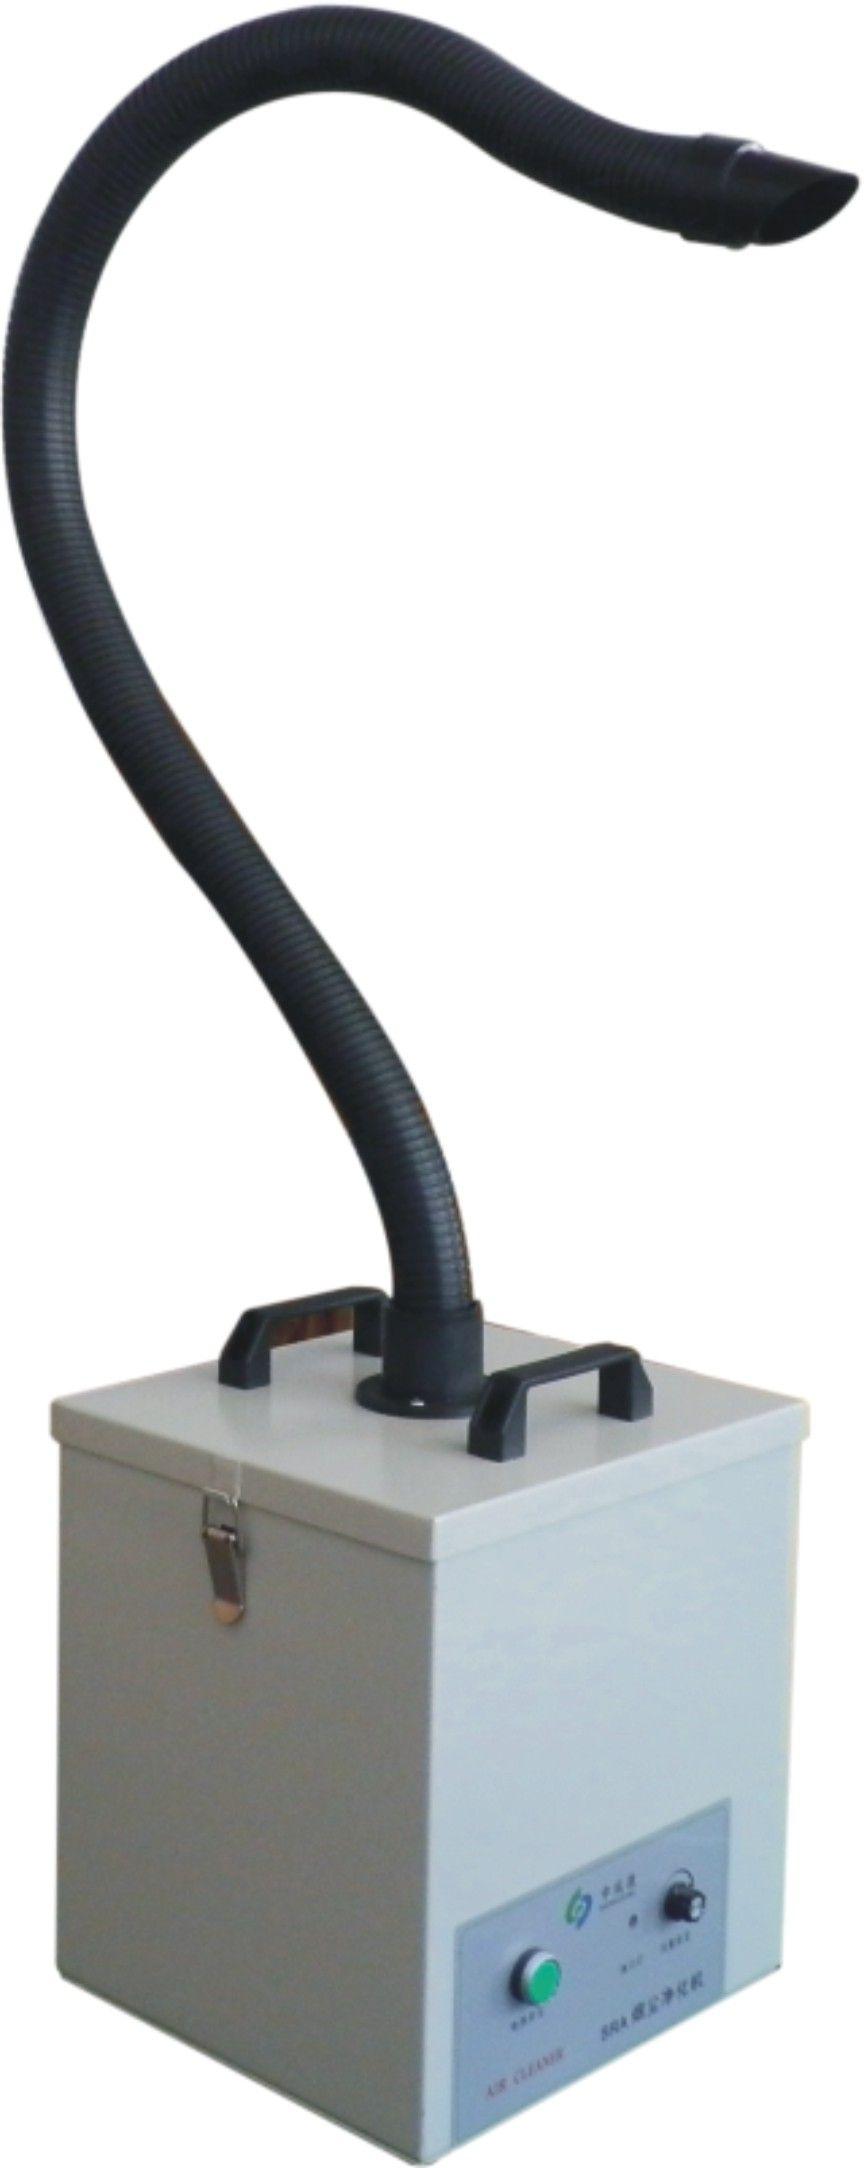 激光加工烟雾净化器